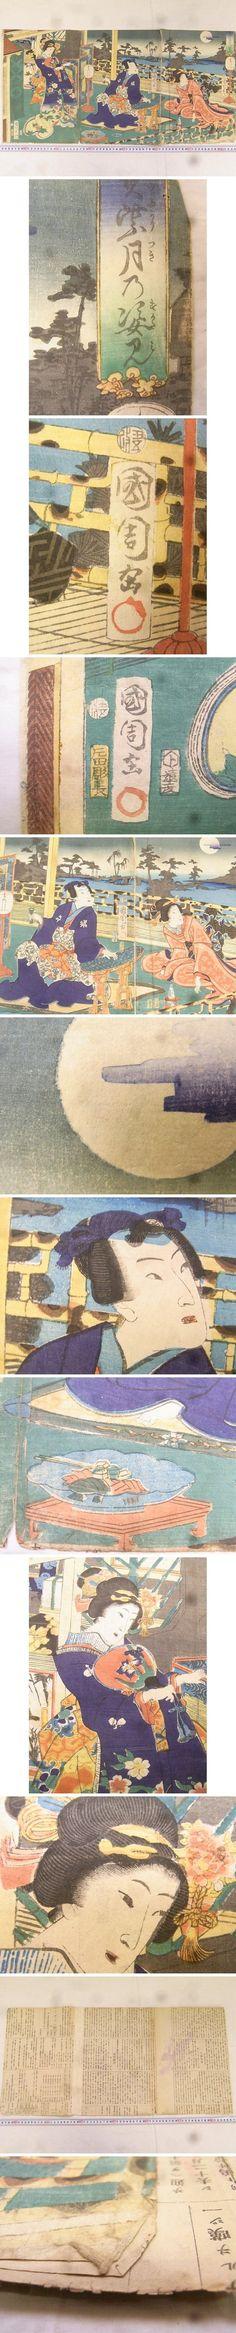 大和骨董図鑑 – 豊原国周 月見図 三枚綴 木版画 浮世絵 古美術